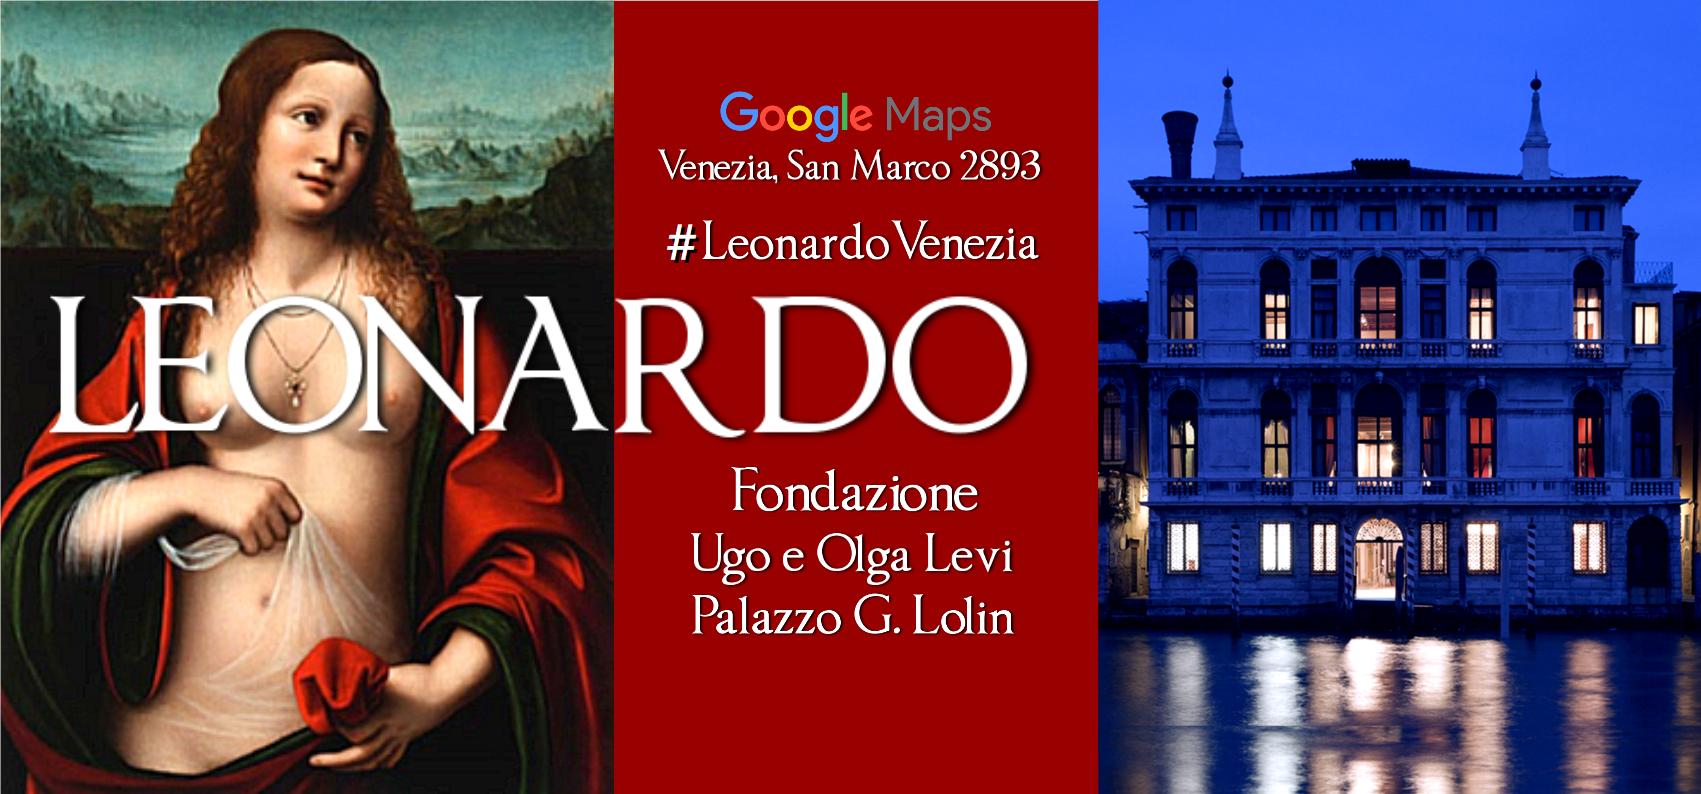 banner LEONARDO a Venezia Mostra Palazzo Lolin San Marco 2893 Accademia Passeggiate a Venezia Maria Cristina Bernardi VeneziaEventi.png